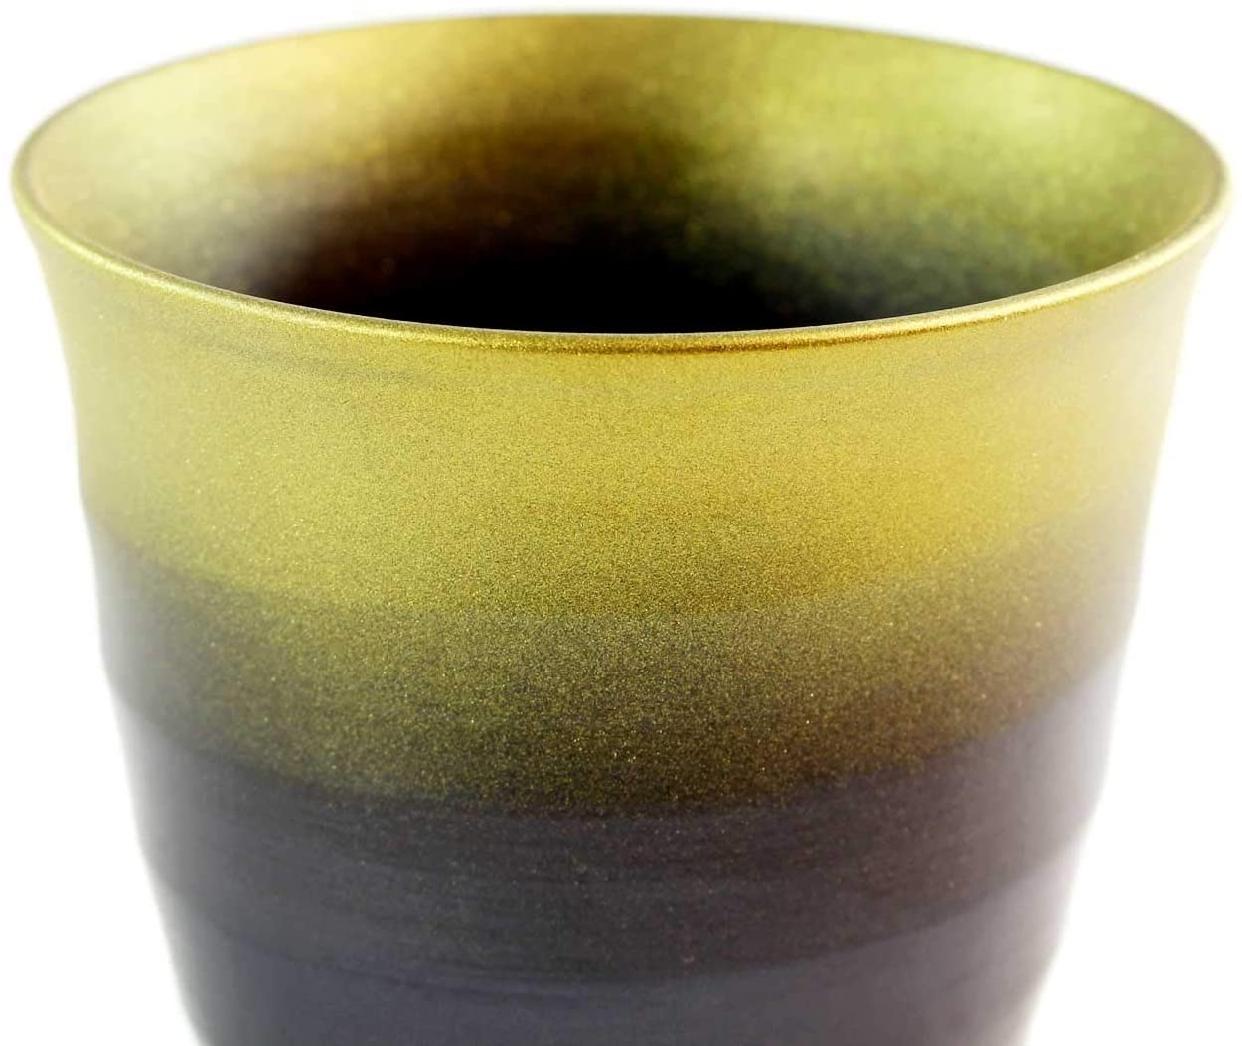 藤井錦彩窯(ふじいきんさい)窯変金彩焼酎カップの商品画像4